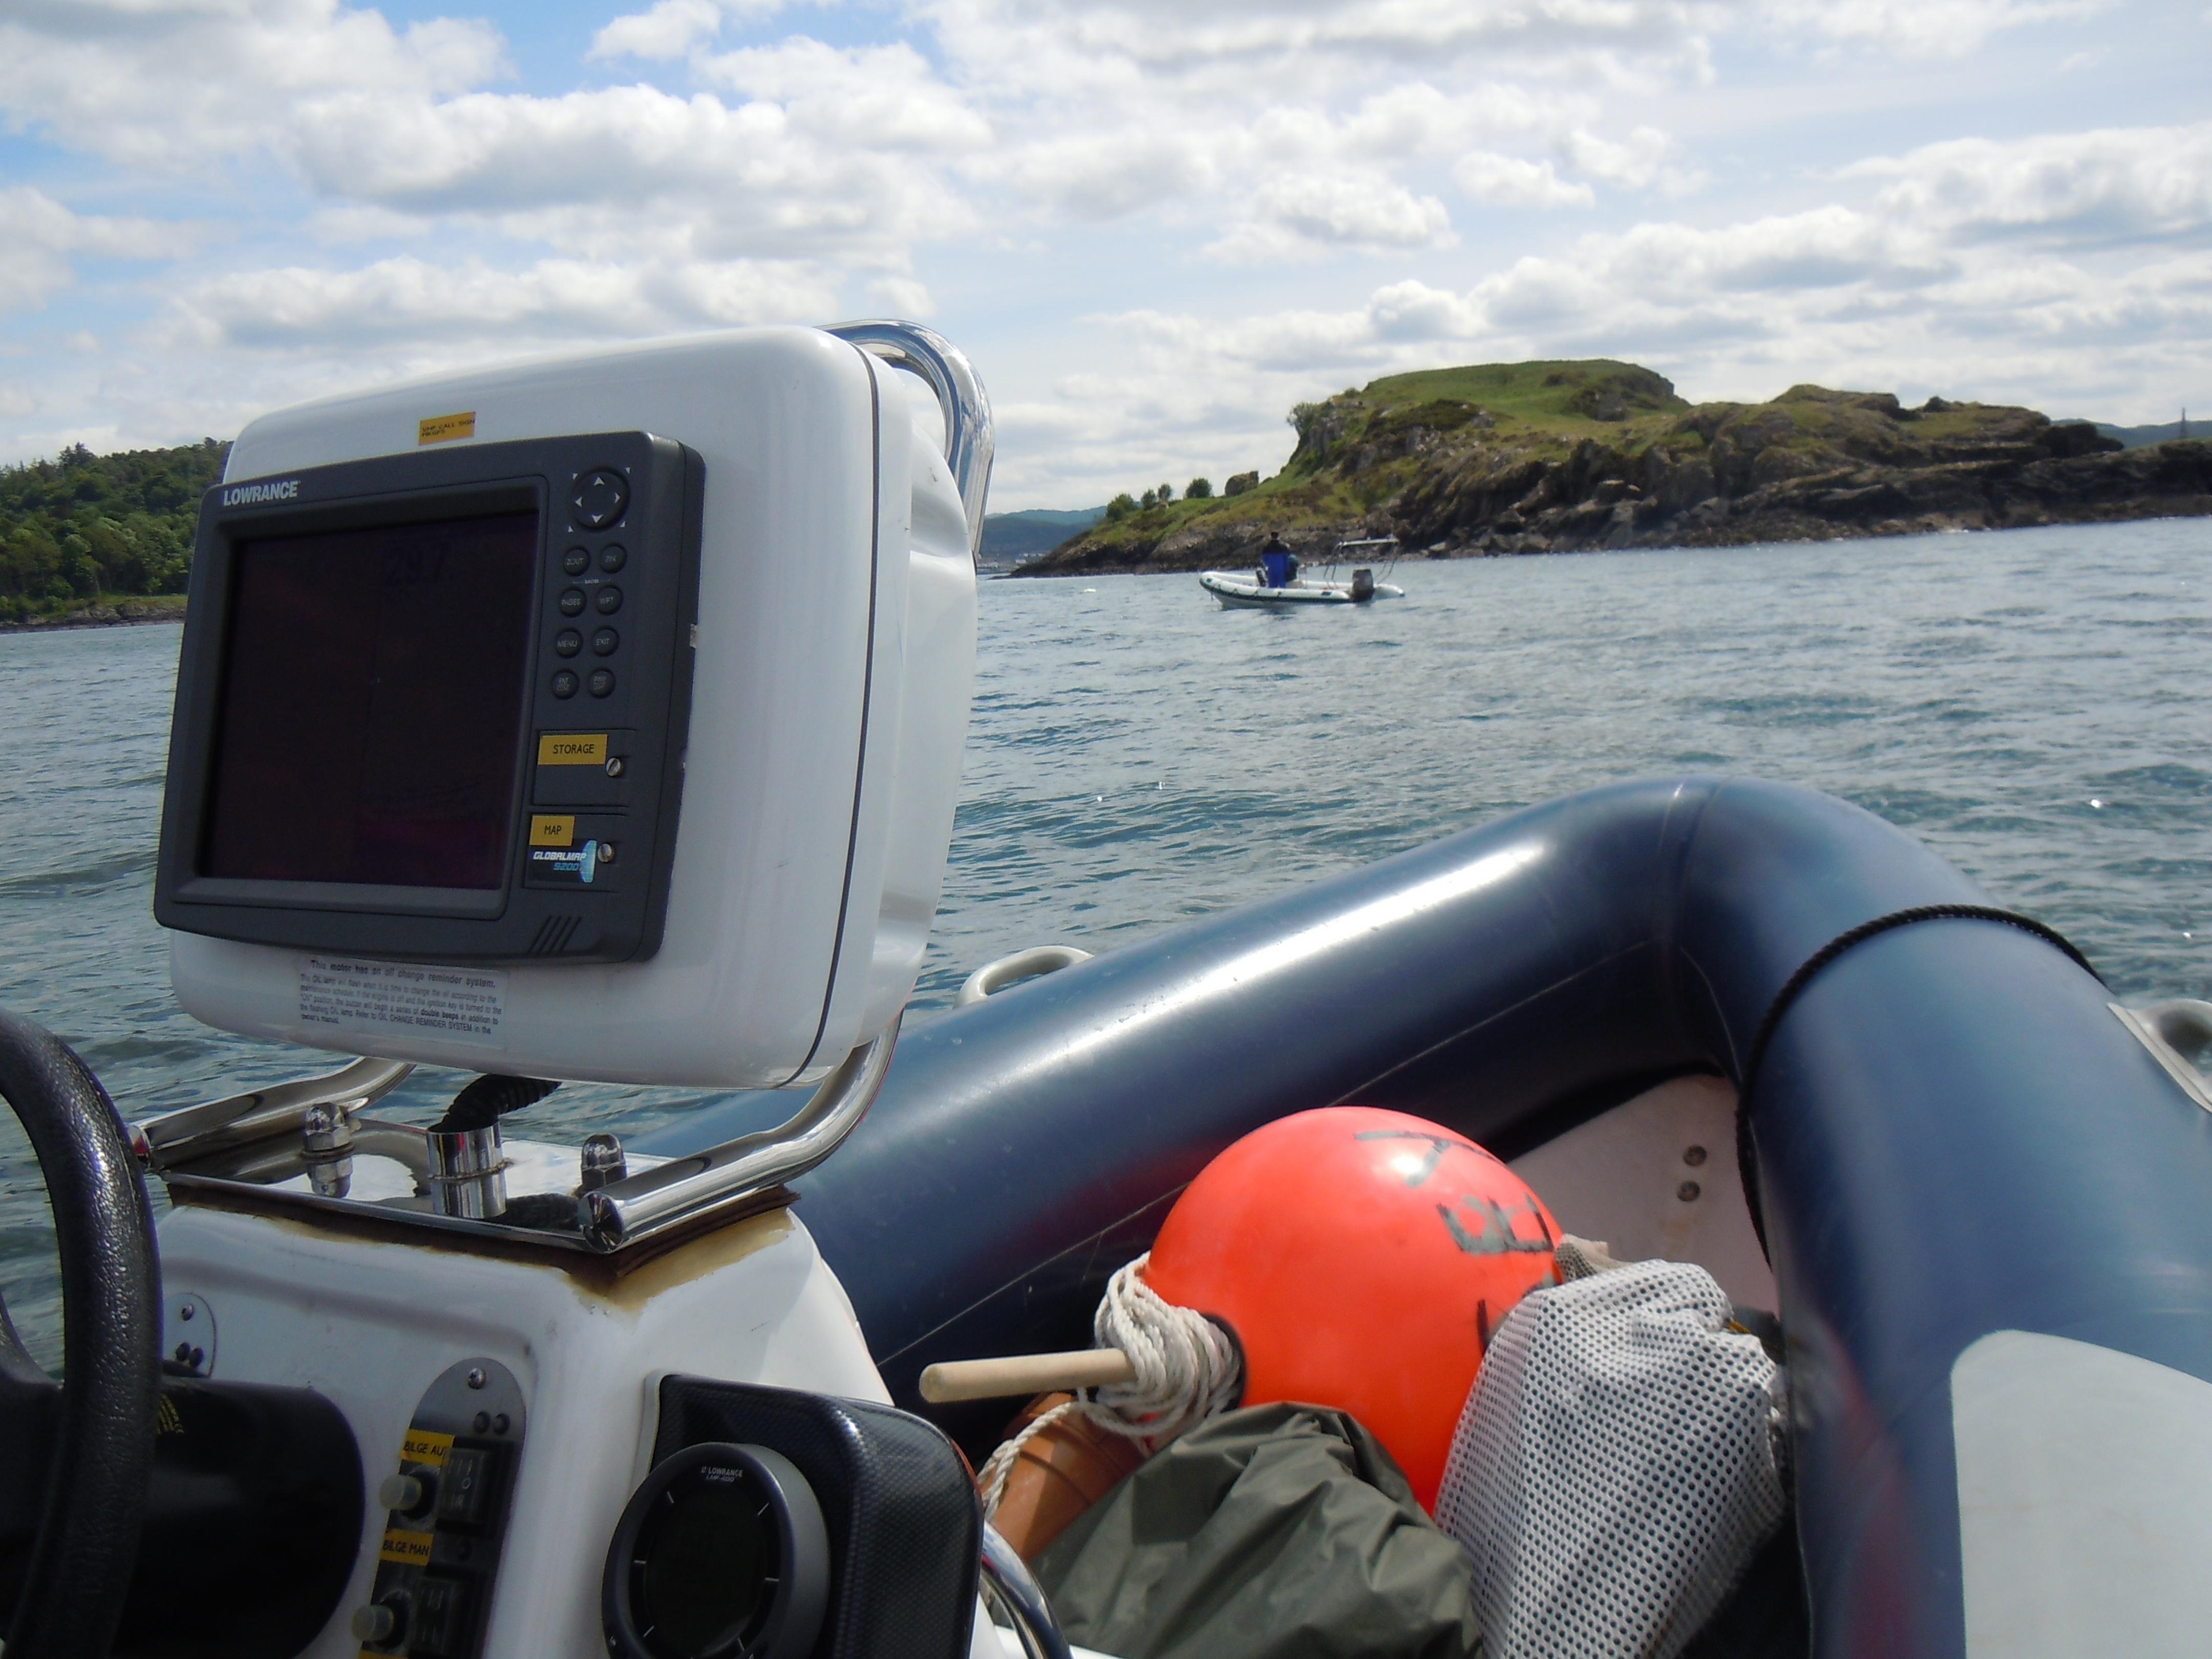 Club_boat